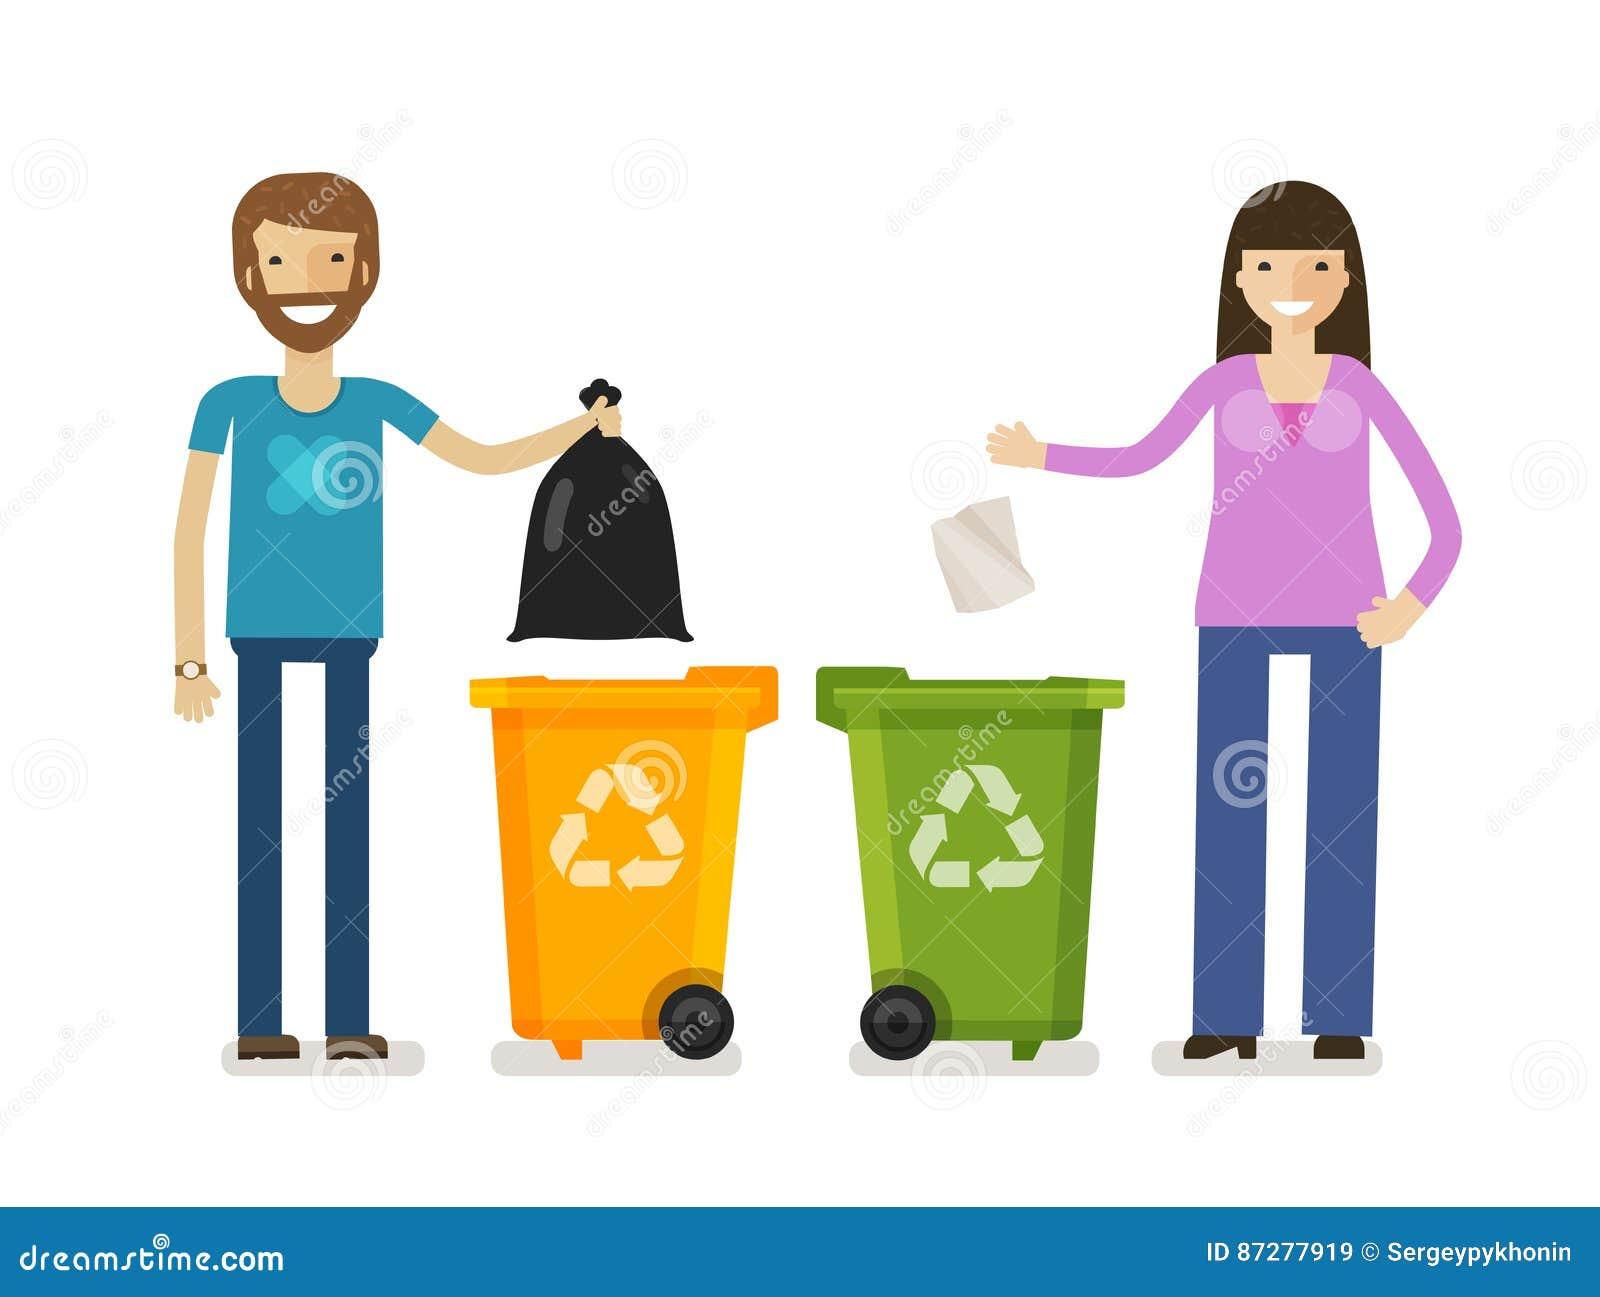 Kosz na śmieci, pojemnik na śmiecie w płaskim projekta stylu Ekologia, środowisko symbol, ikona obcy kreskówki kota ucieczek ilus